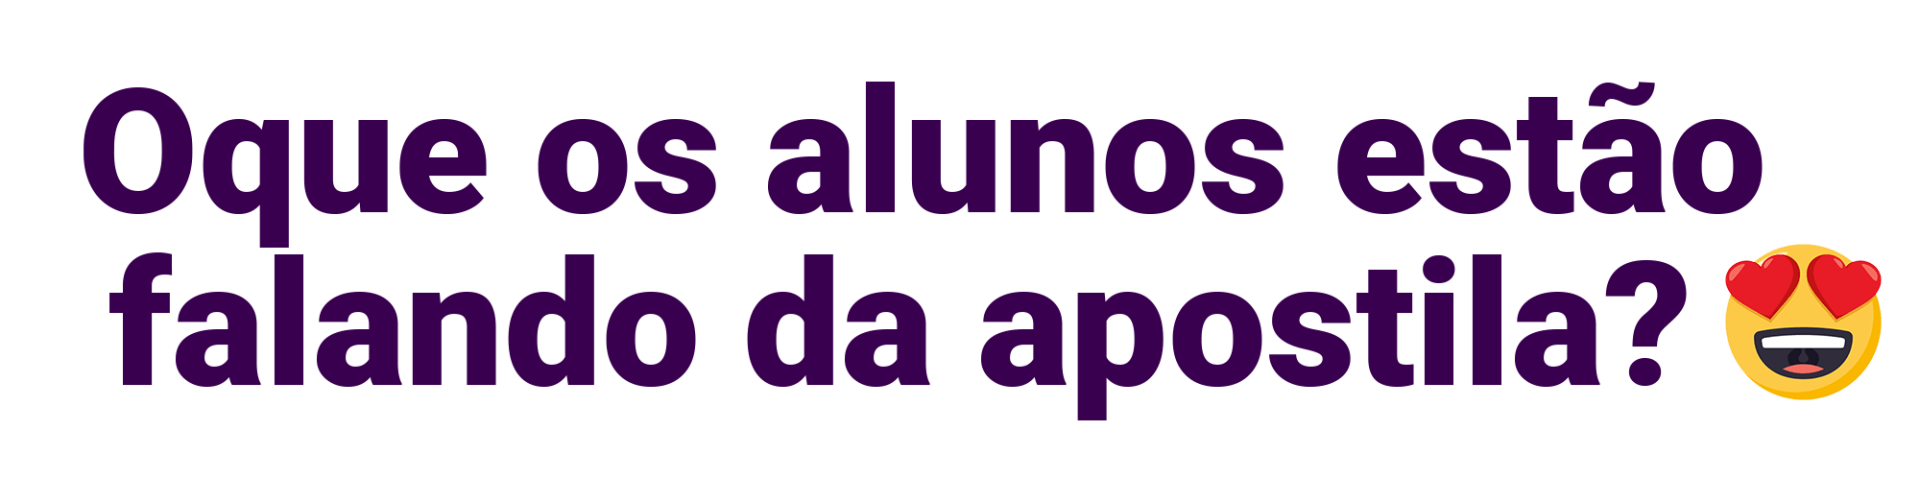 Apostila de Sabonetes Artesanais e Caseiros